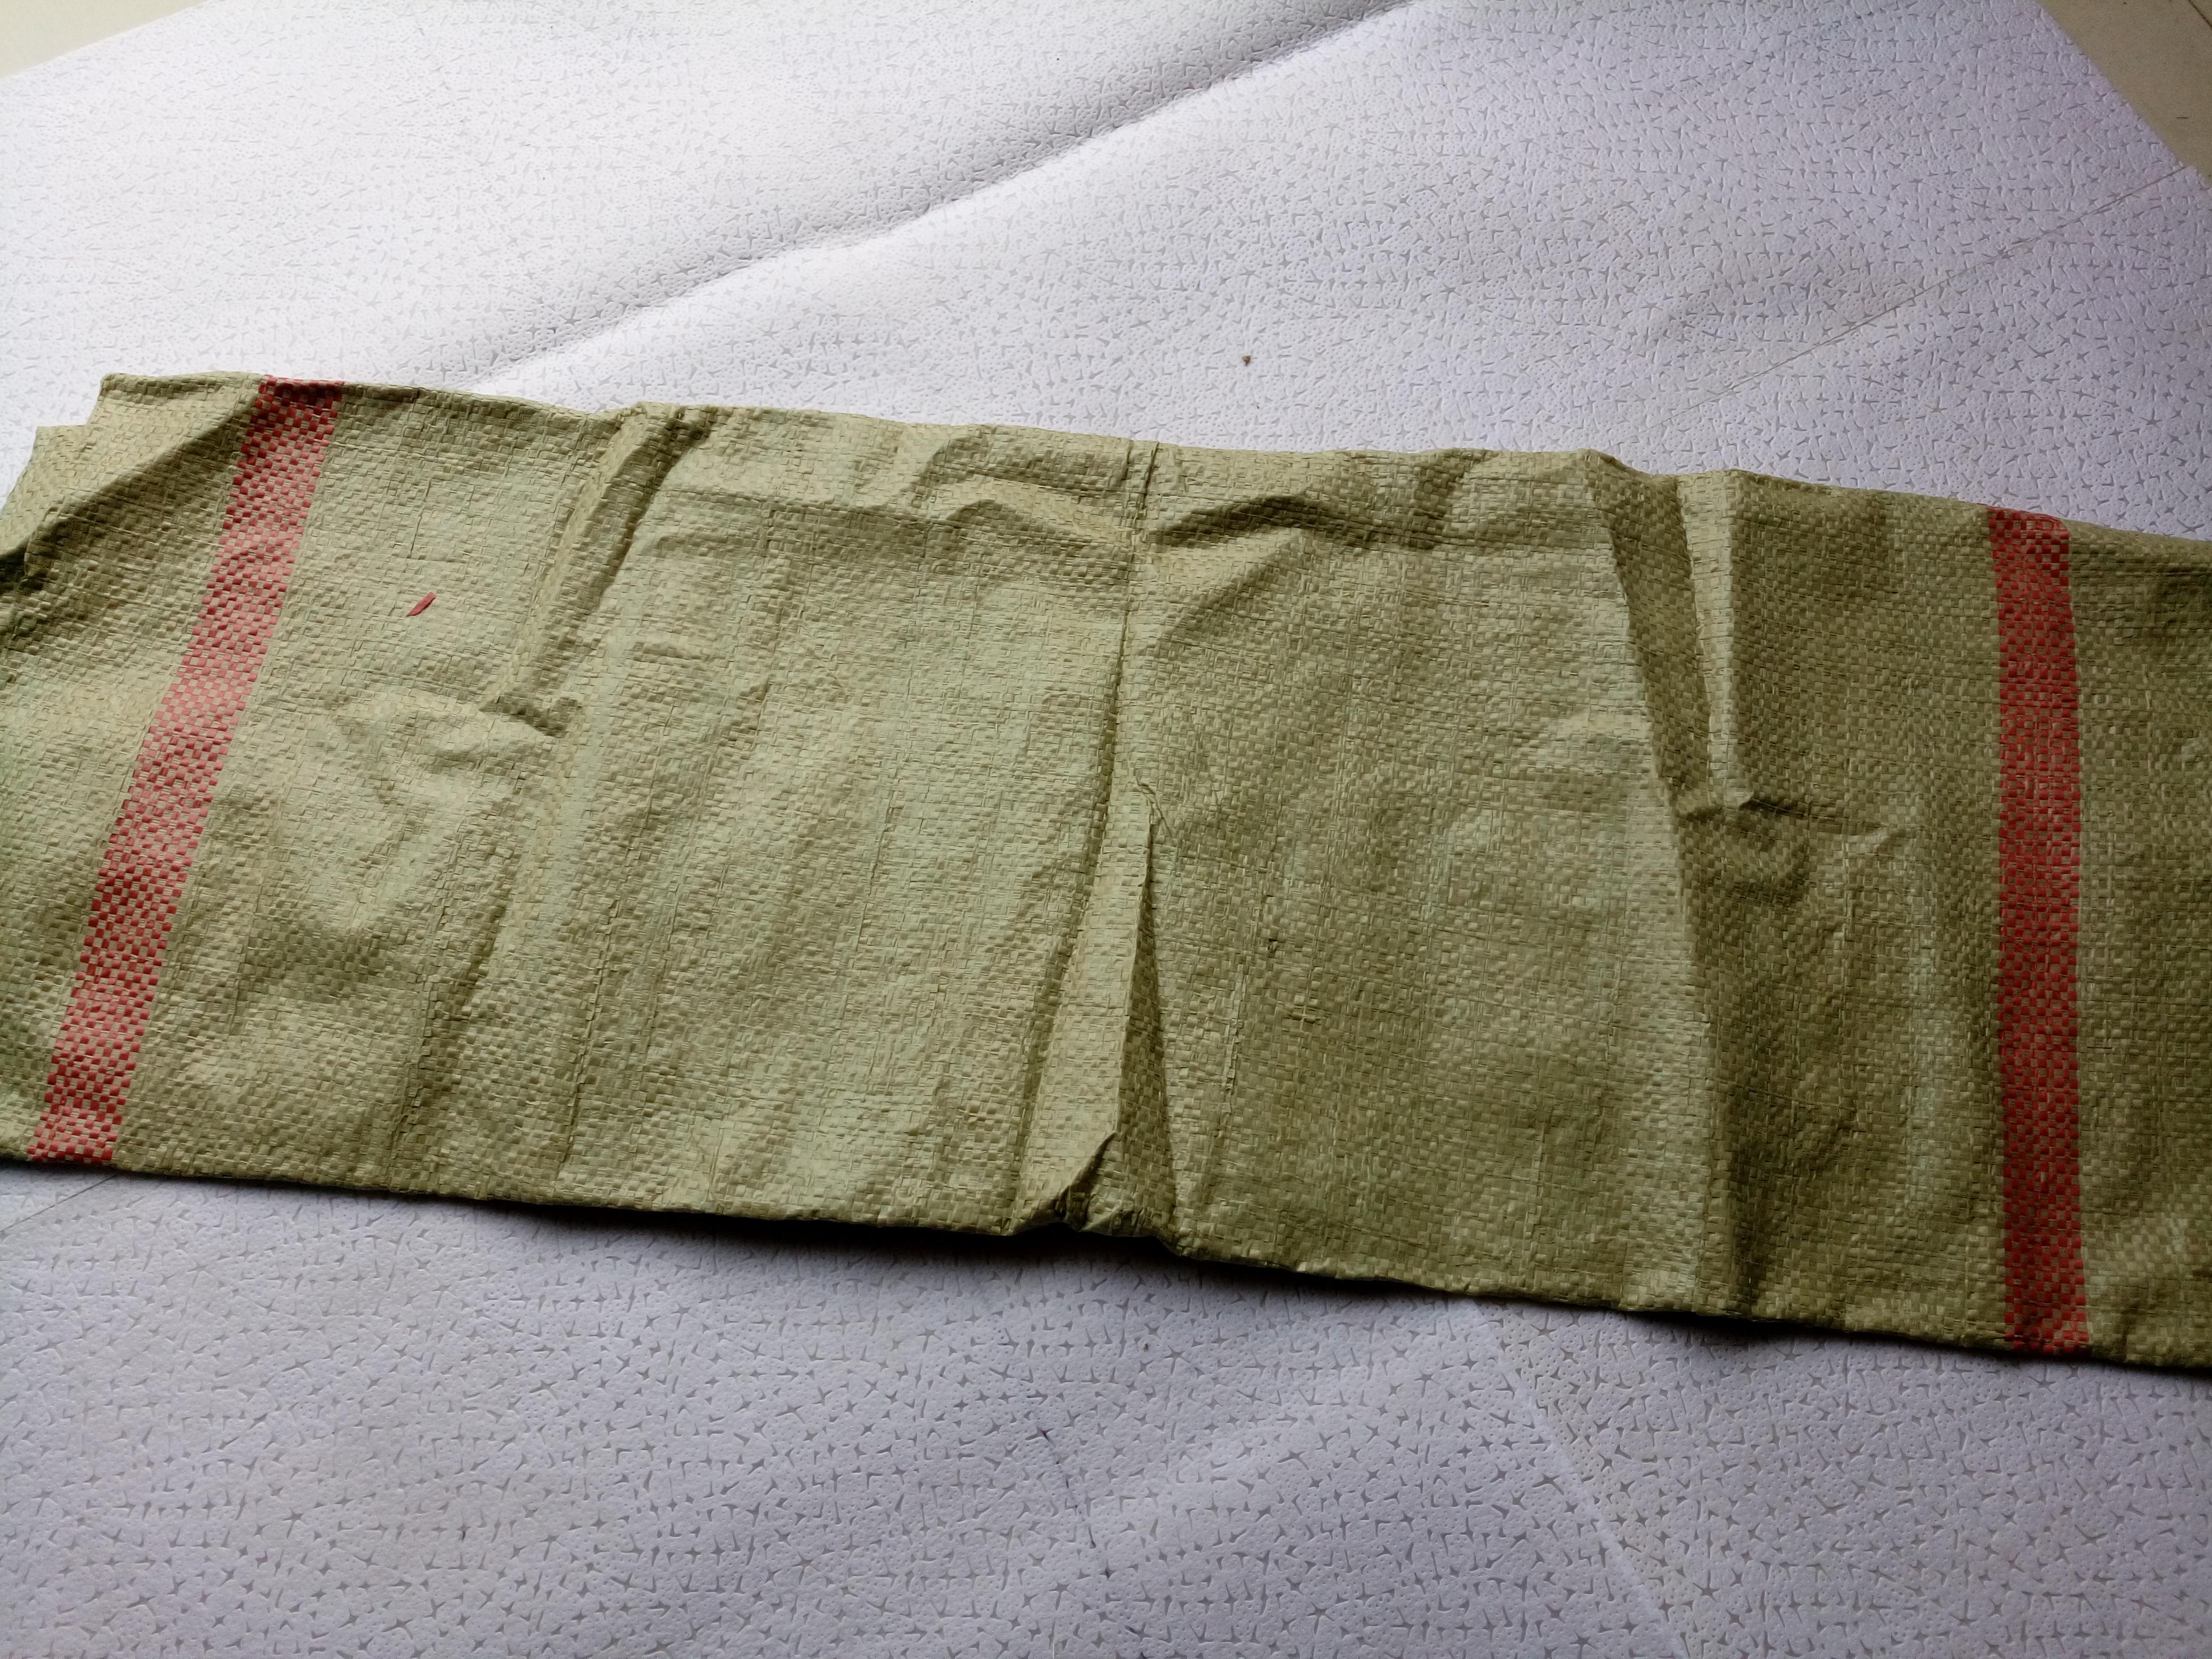 山东省临沂市供应各种规格的全新料编织袋 山东临沂全新料编织袋